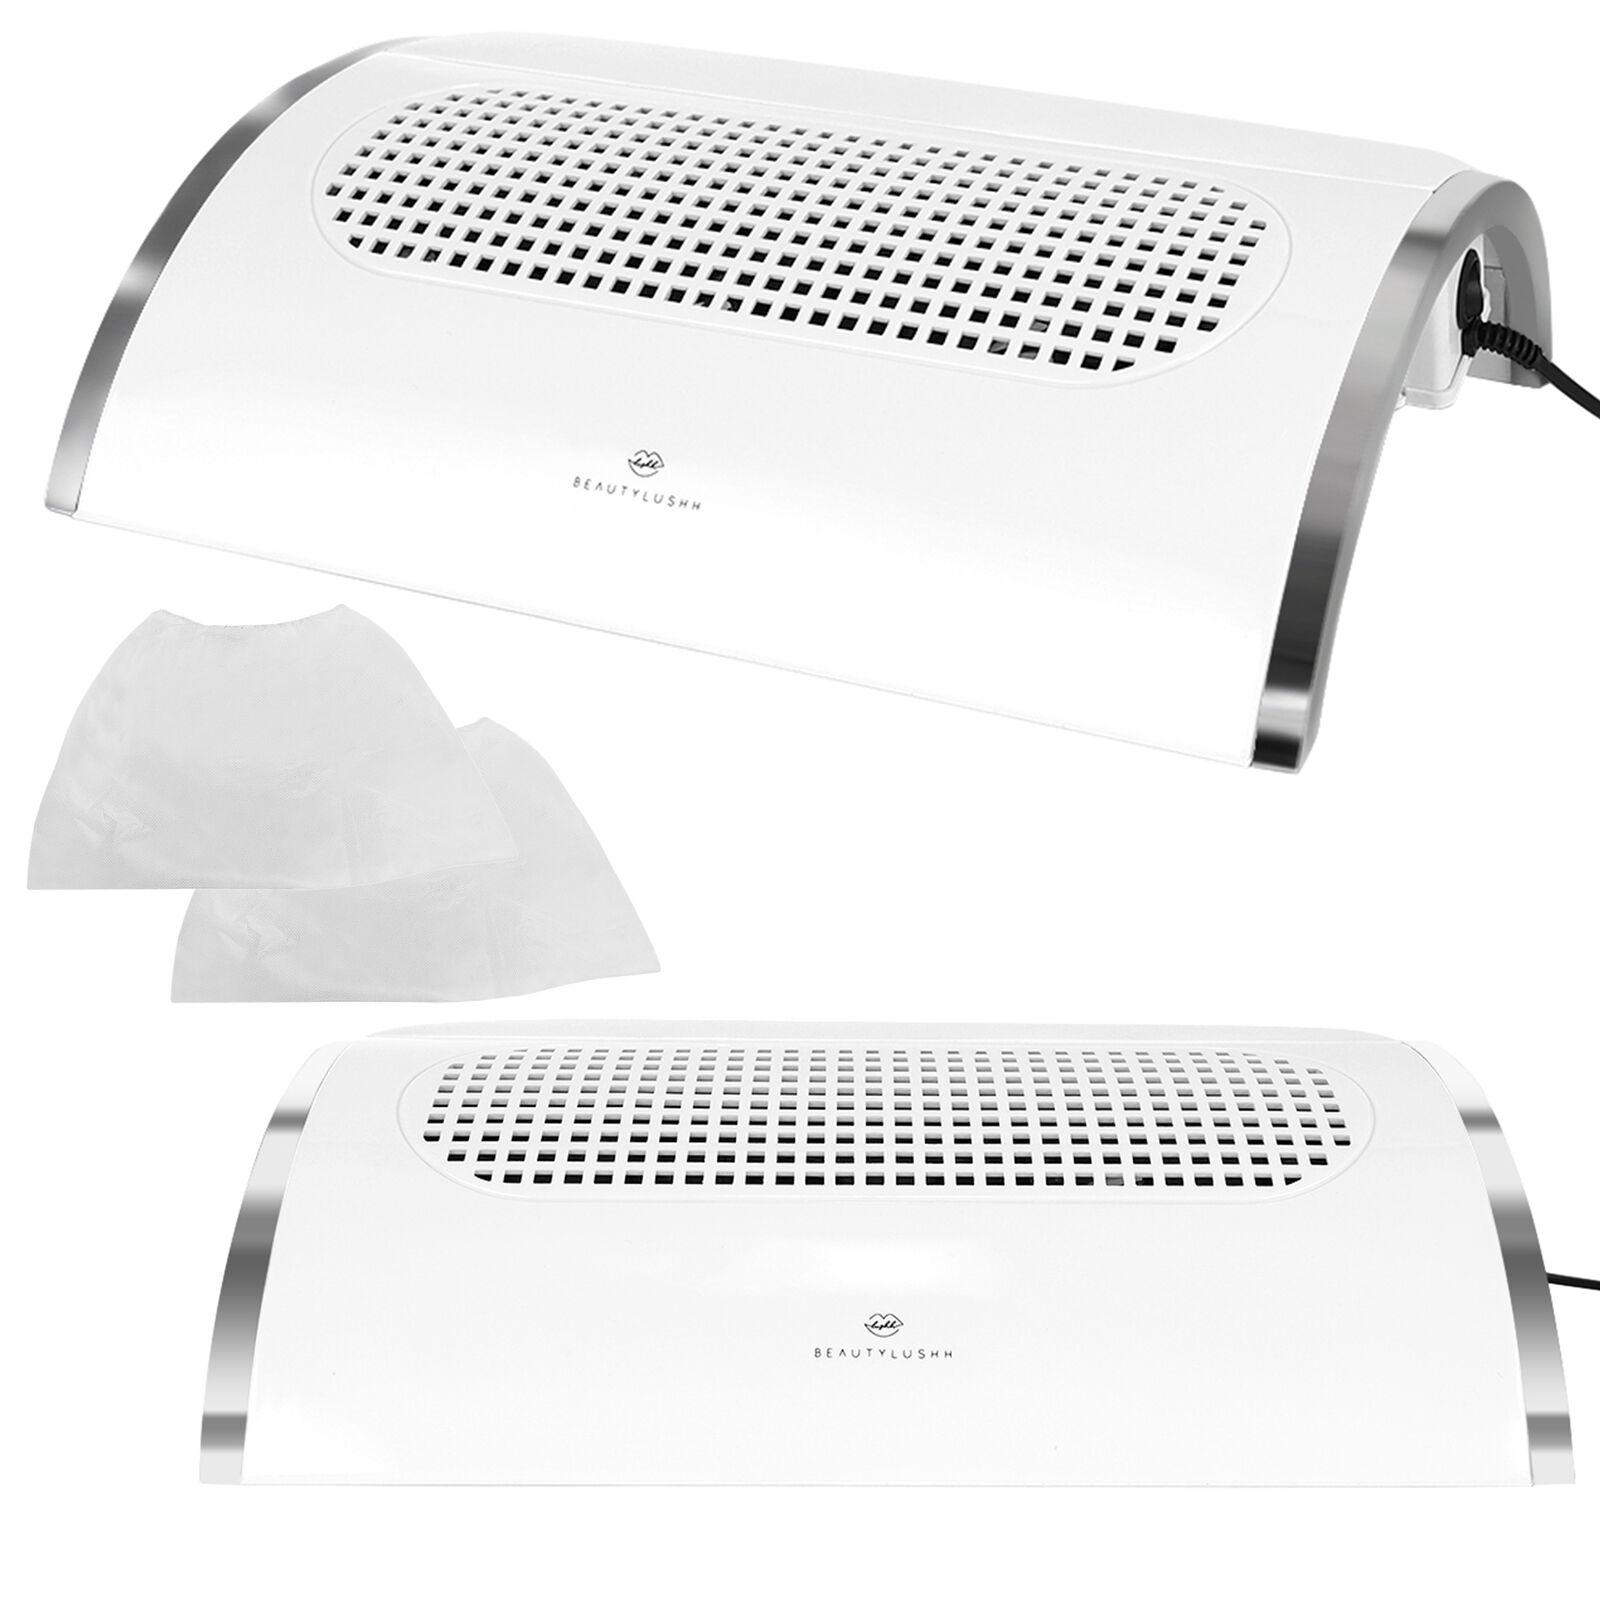 Staubabsaugung für Nagel Tischabsaugung mit 3 Lüfter und  2 Staubsäcken Weiß 888